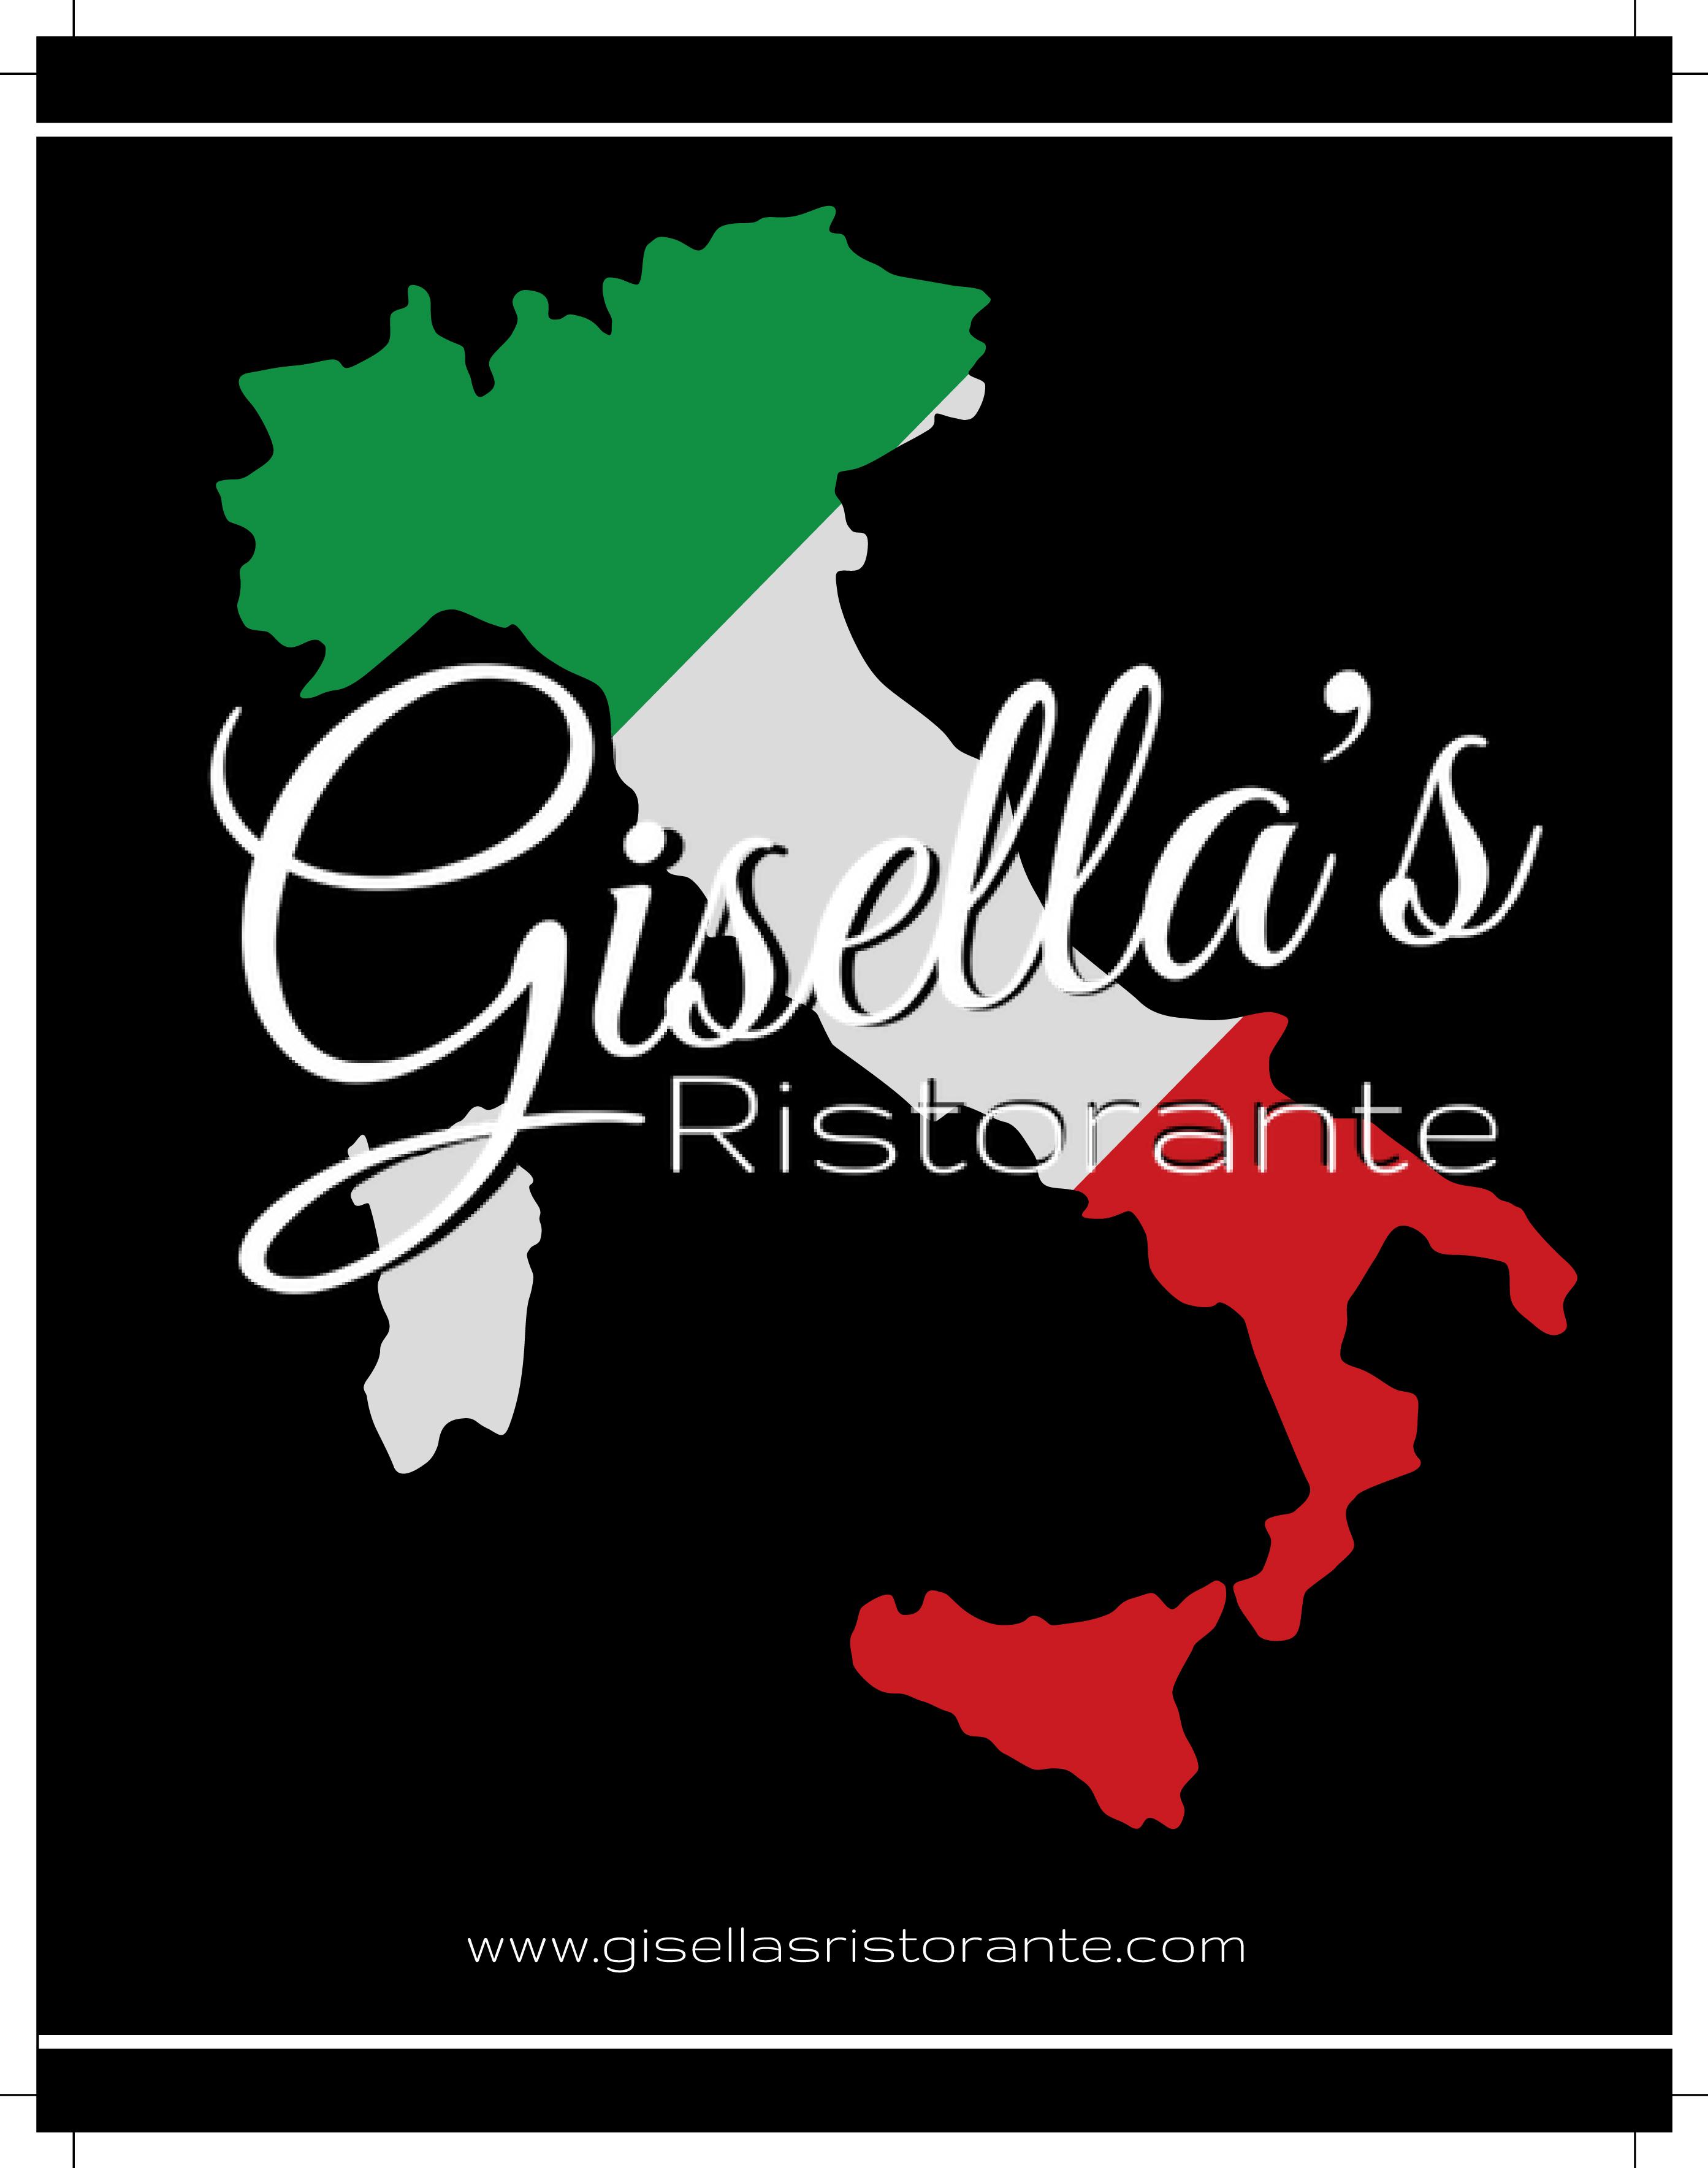 Gisella's Ristorante Catering